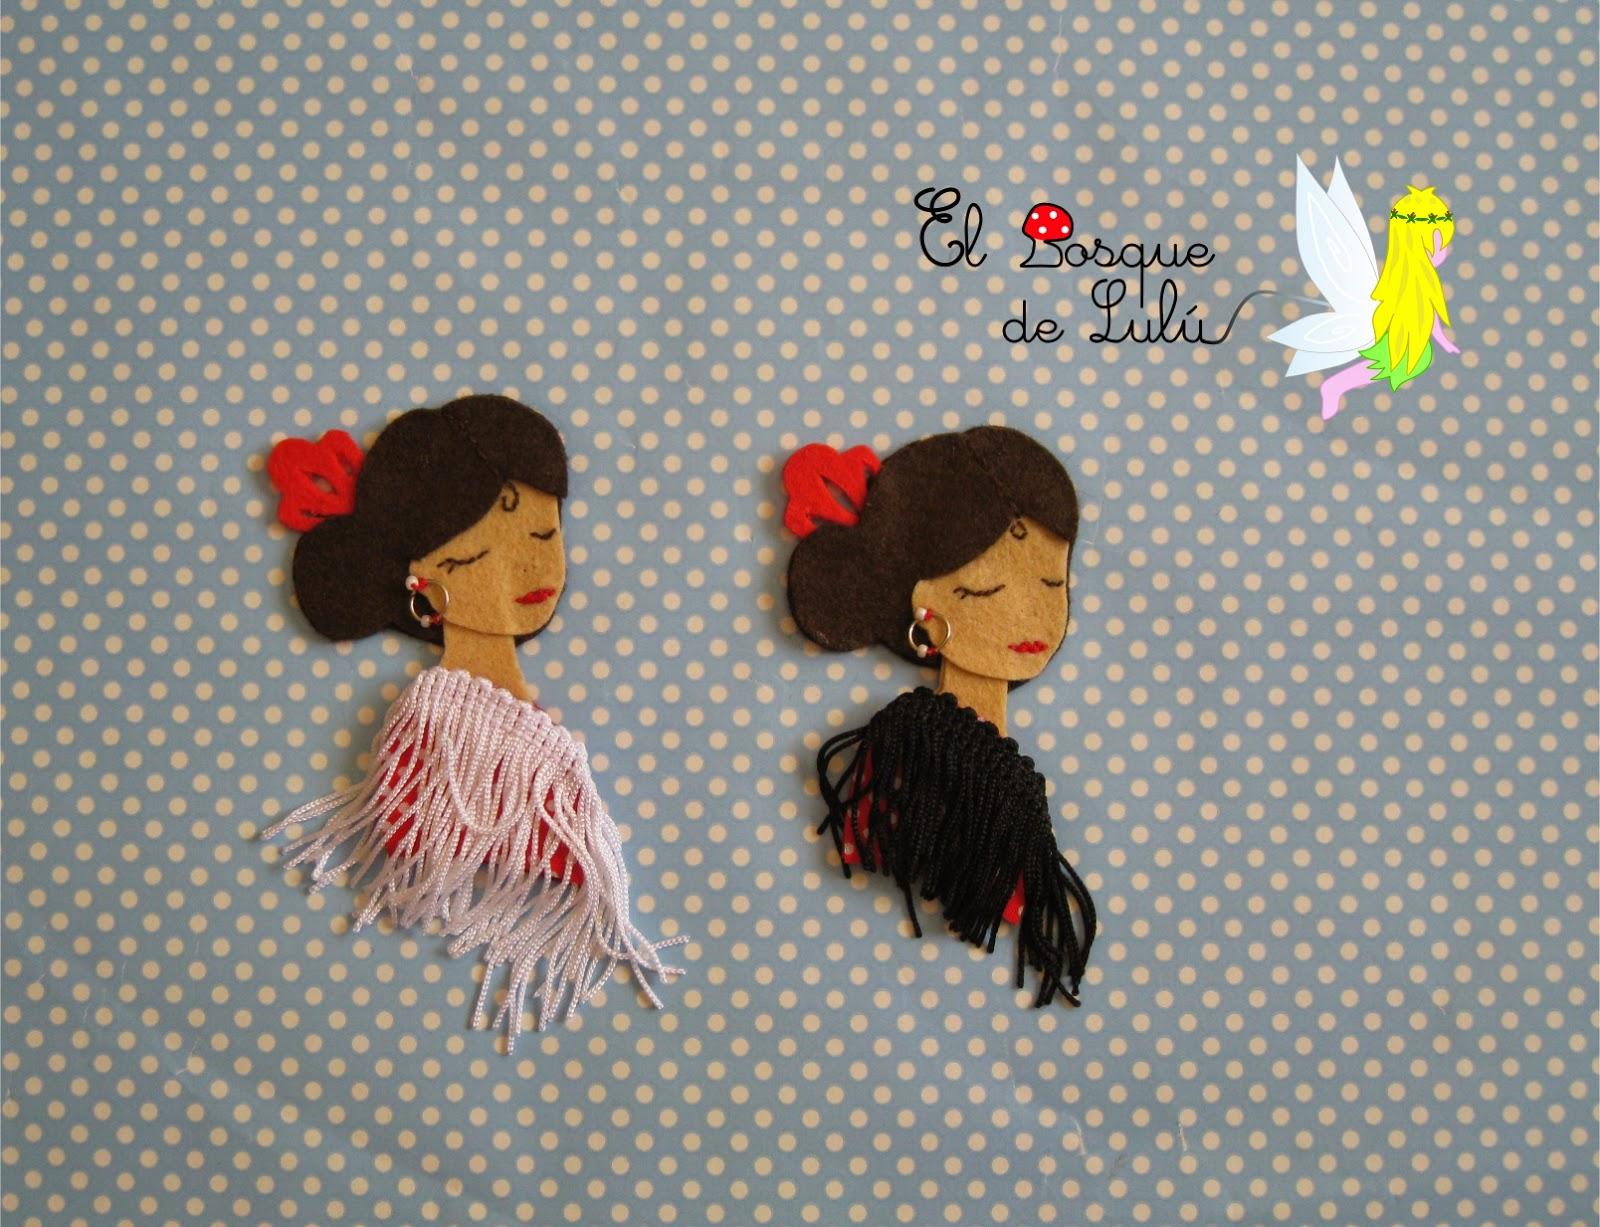 broche-fieltro-flamenca-feria-abril-faralaes